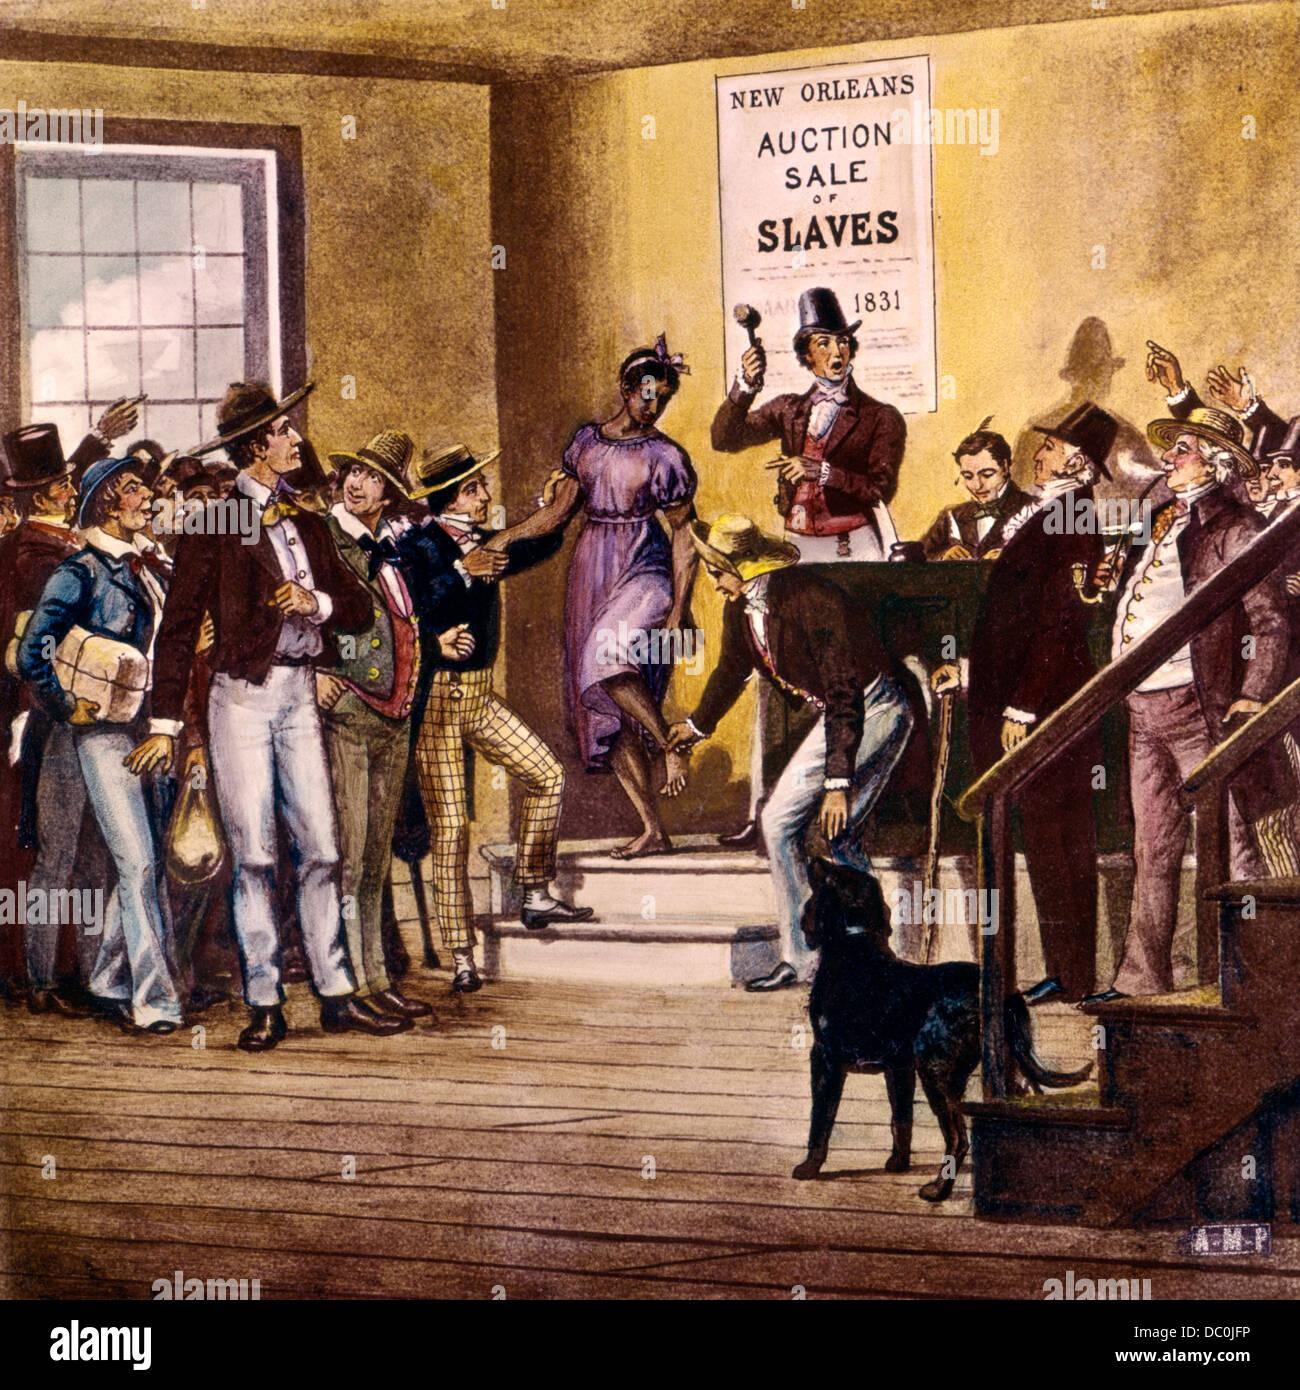 1830S 1831 ABRAHAM LINCOLN BEOBACHTEN NEW ORLEANS SKLAVEN MARKT AUKTION VON HAND GEFÄRBT ANTIKGLAS LATERNE FOLIE Stockfoto